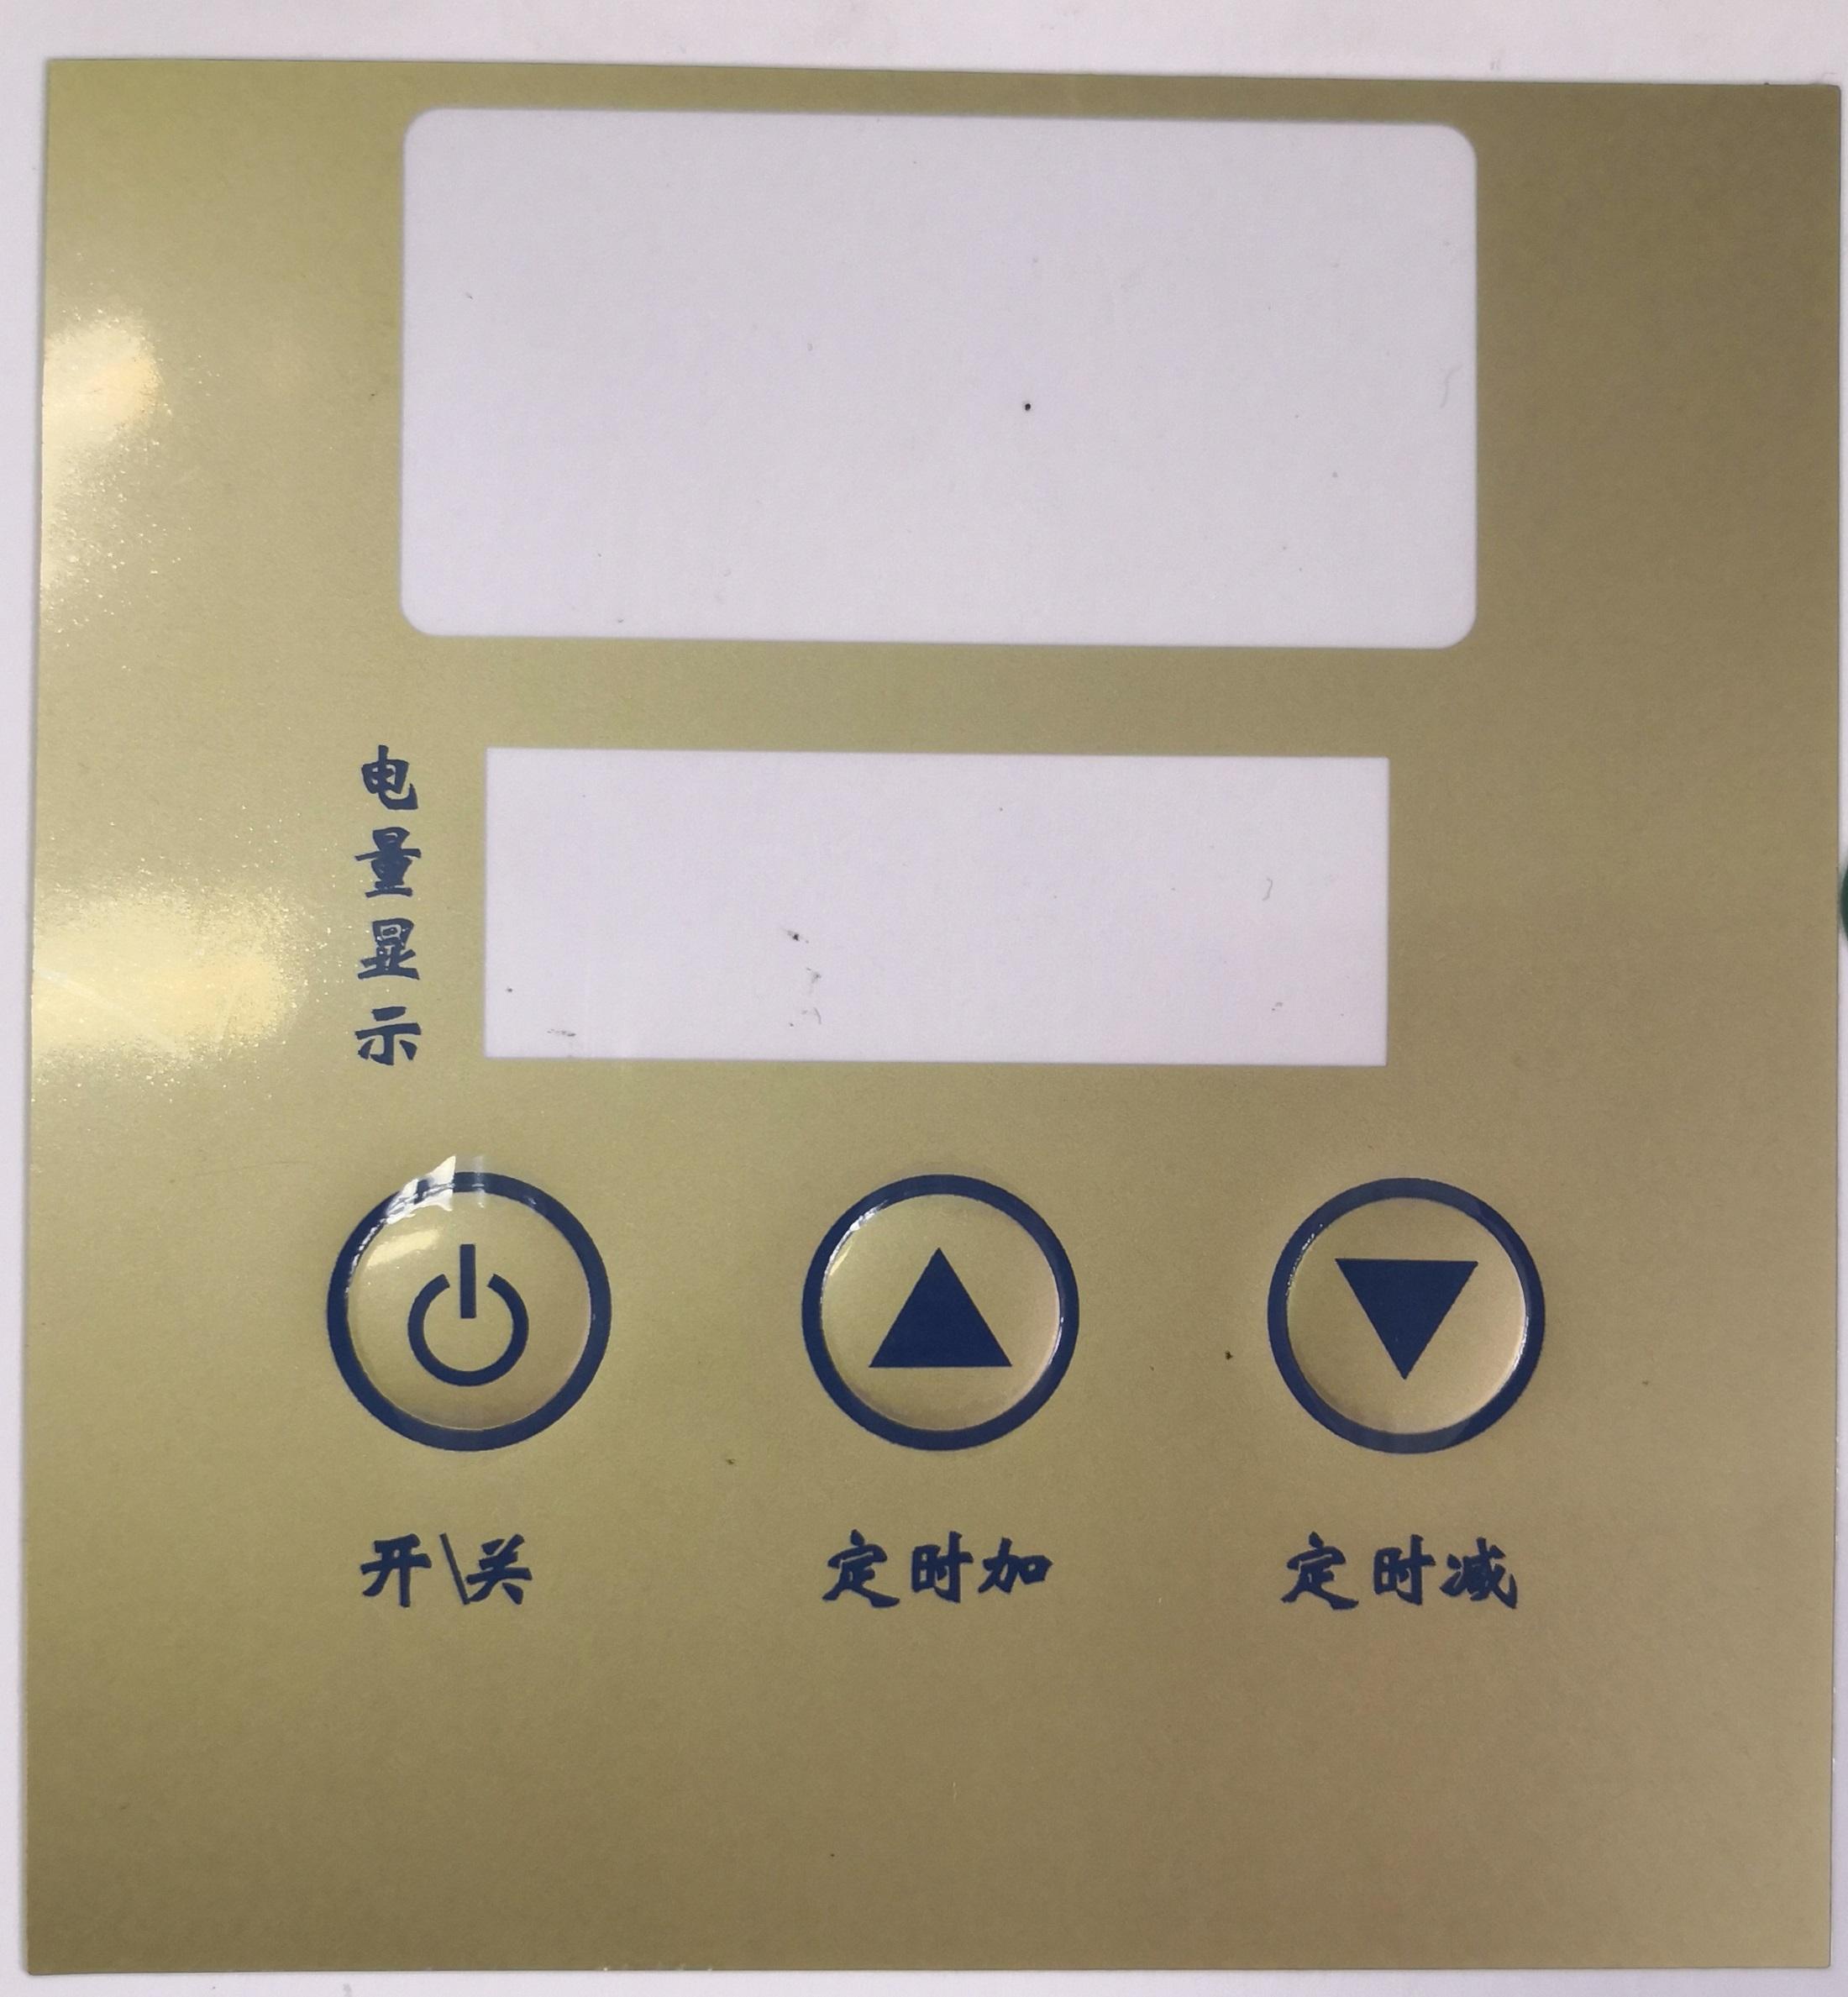 河源PC设备控制面板PC进口料标牌专业印刷体积清薄颜色鲜艳